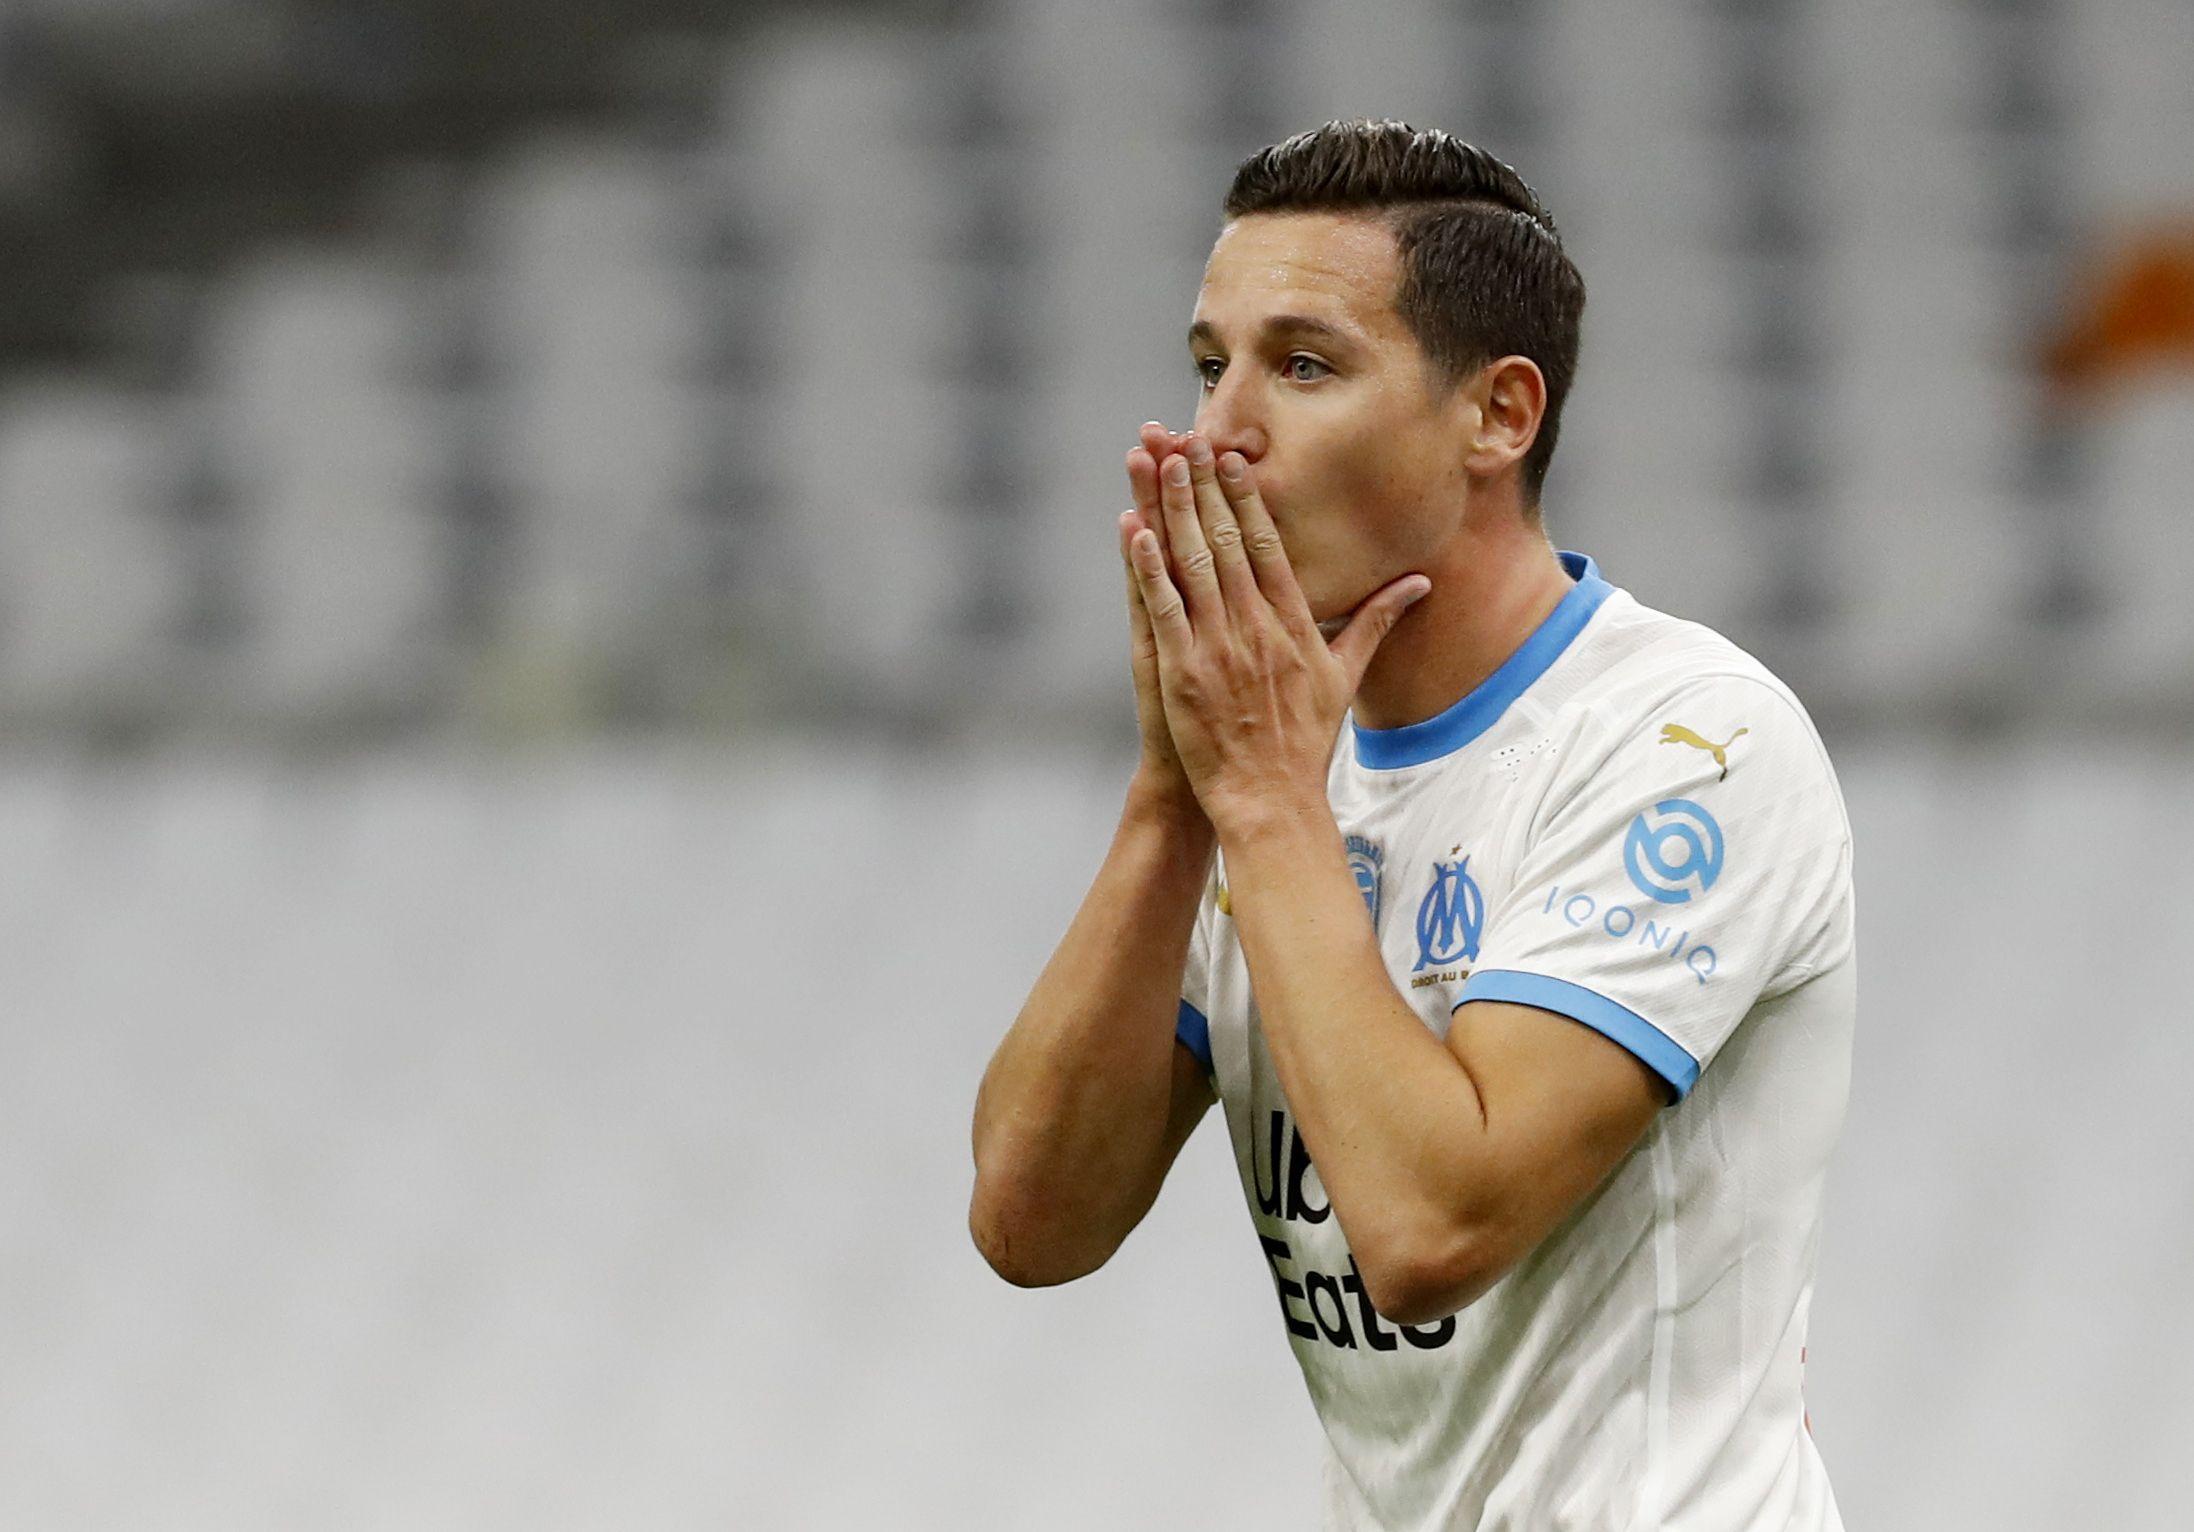 Florian es un futbolista de origen francés con 28 años de edad, dentro del campo de juego se desempeña como un centrocampista ofensivo (Foto: REUTERS/Eric Gaillard)